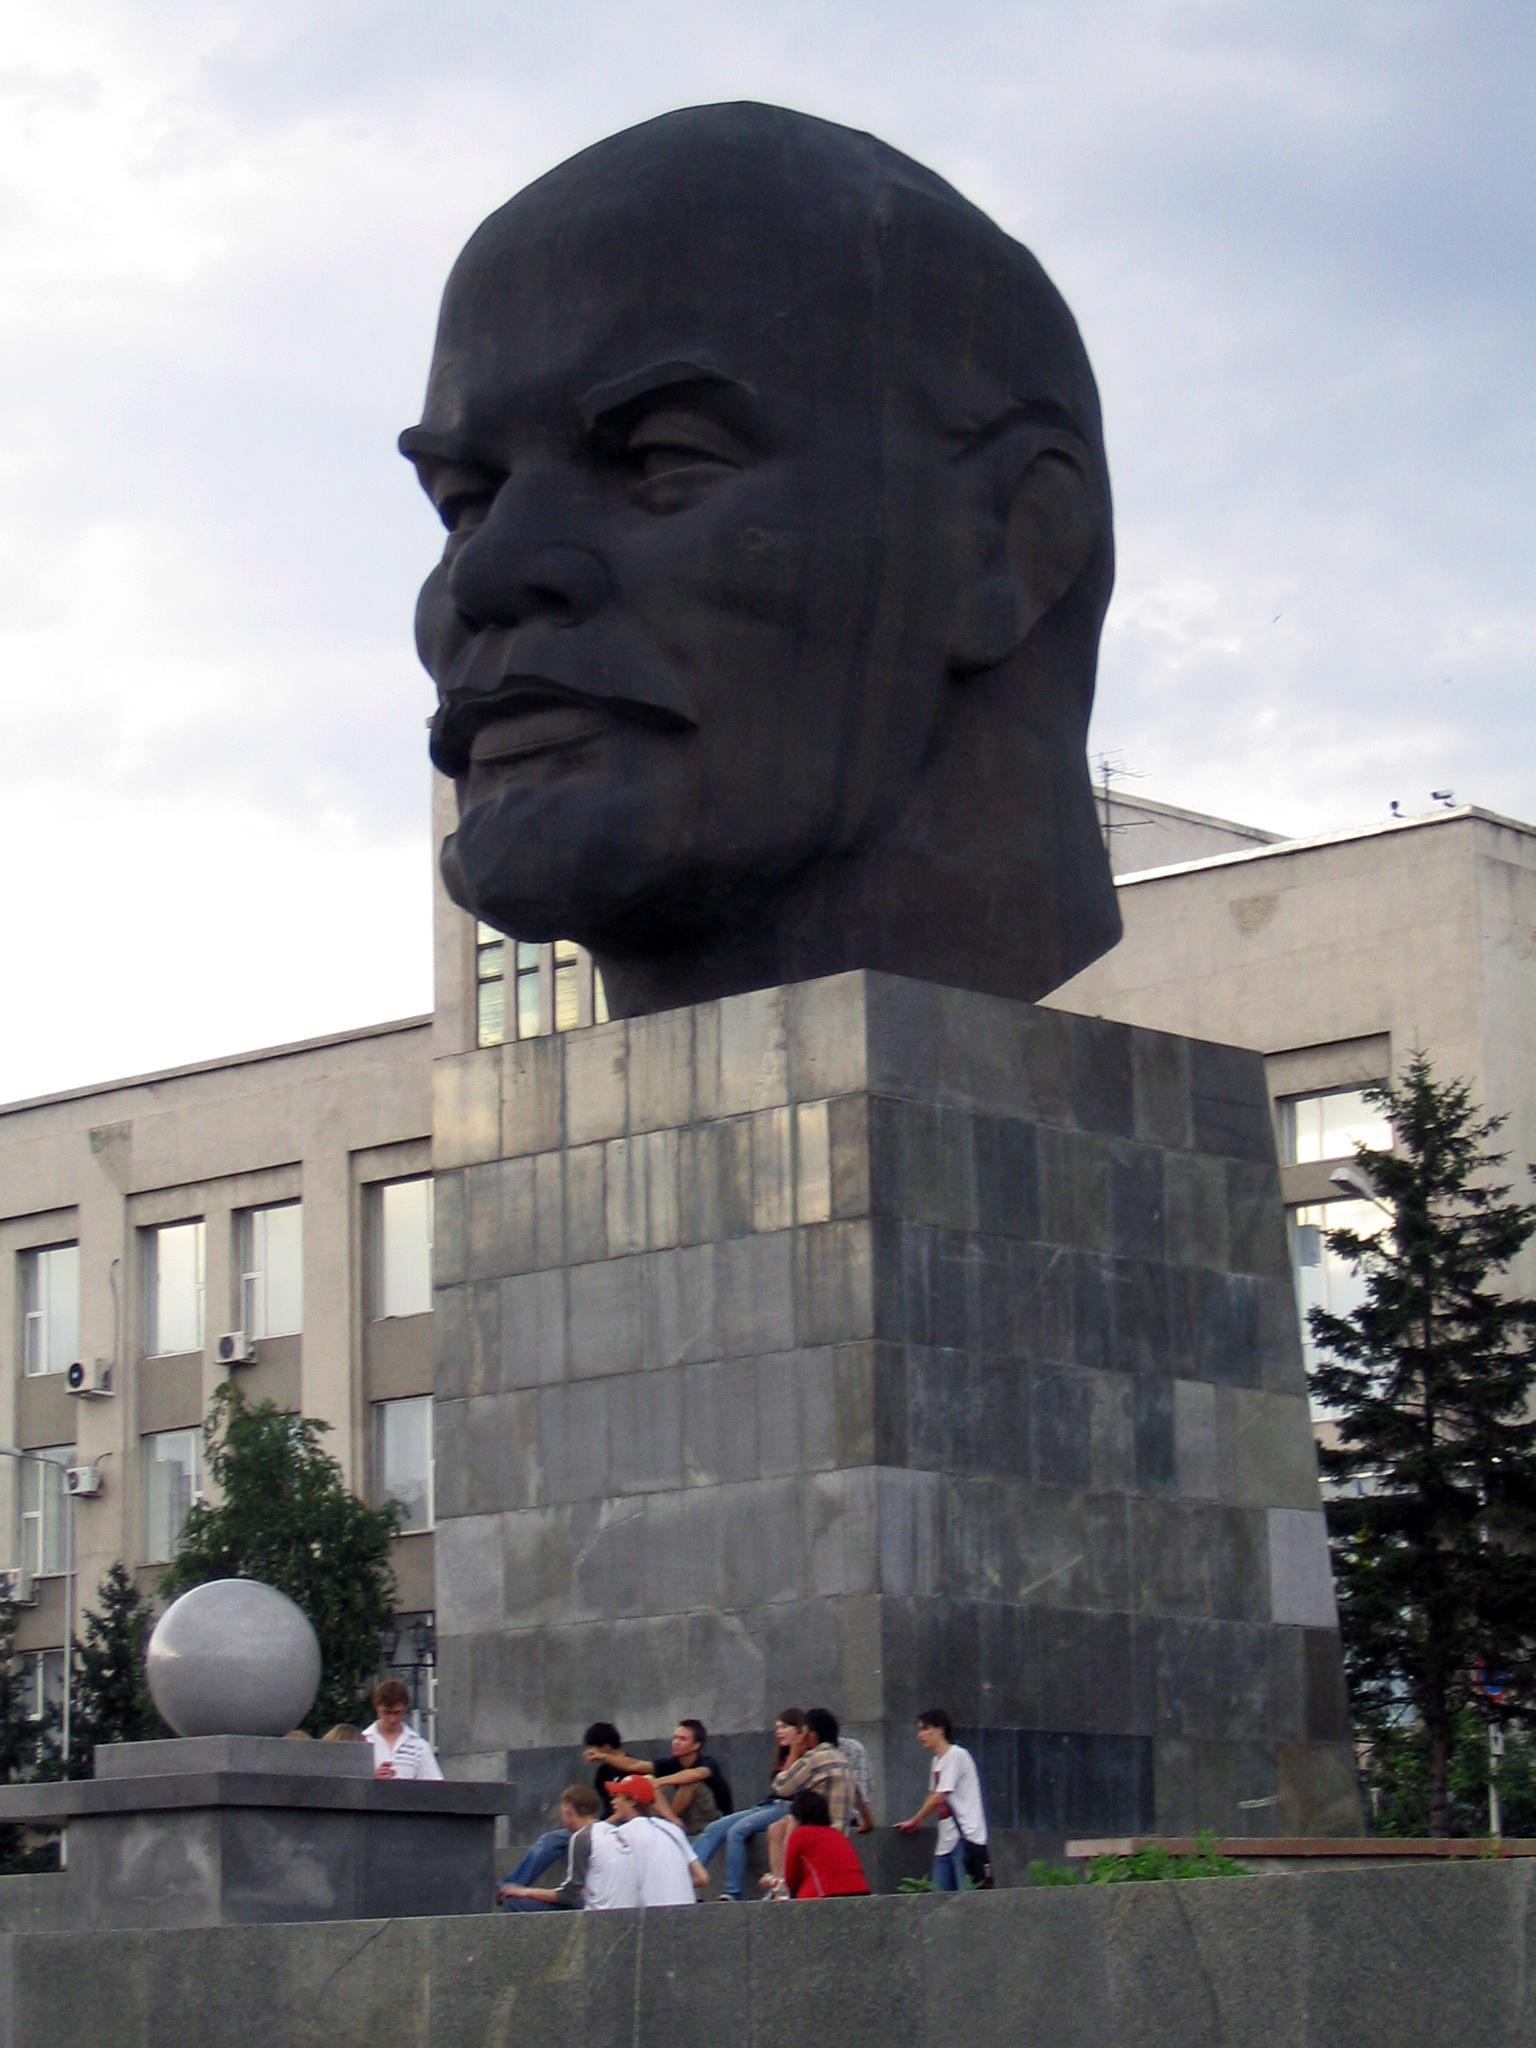 https://upload.wikimedia.org/wikipedia/commons/7/7e/Lenin%27s_head_in_Ulan_Ude.jpg